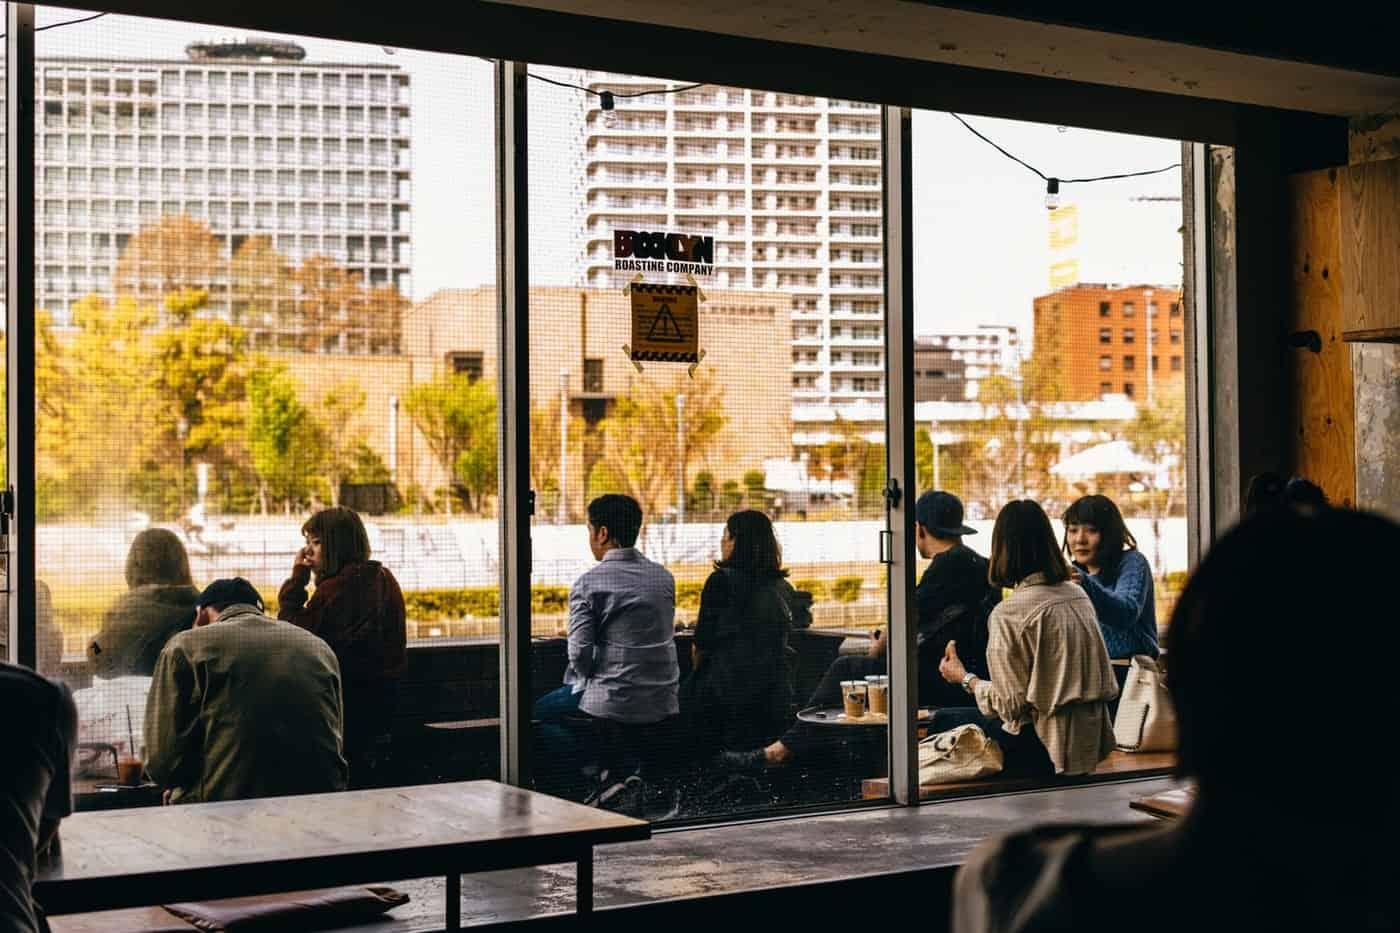 ร้านกาแฟ คาเฟ่ ใน โอซาก้า - Brooklyn Roasting Company Kitahama